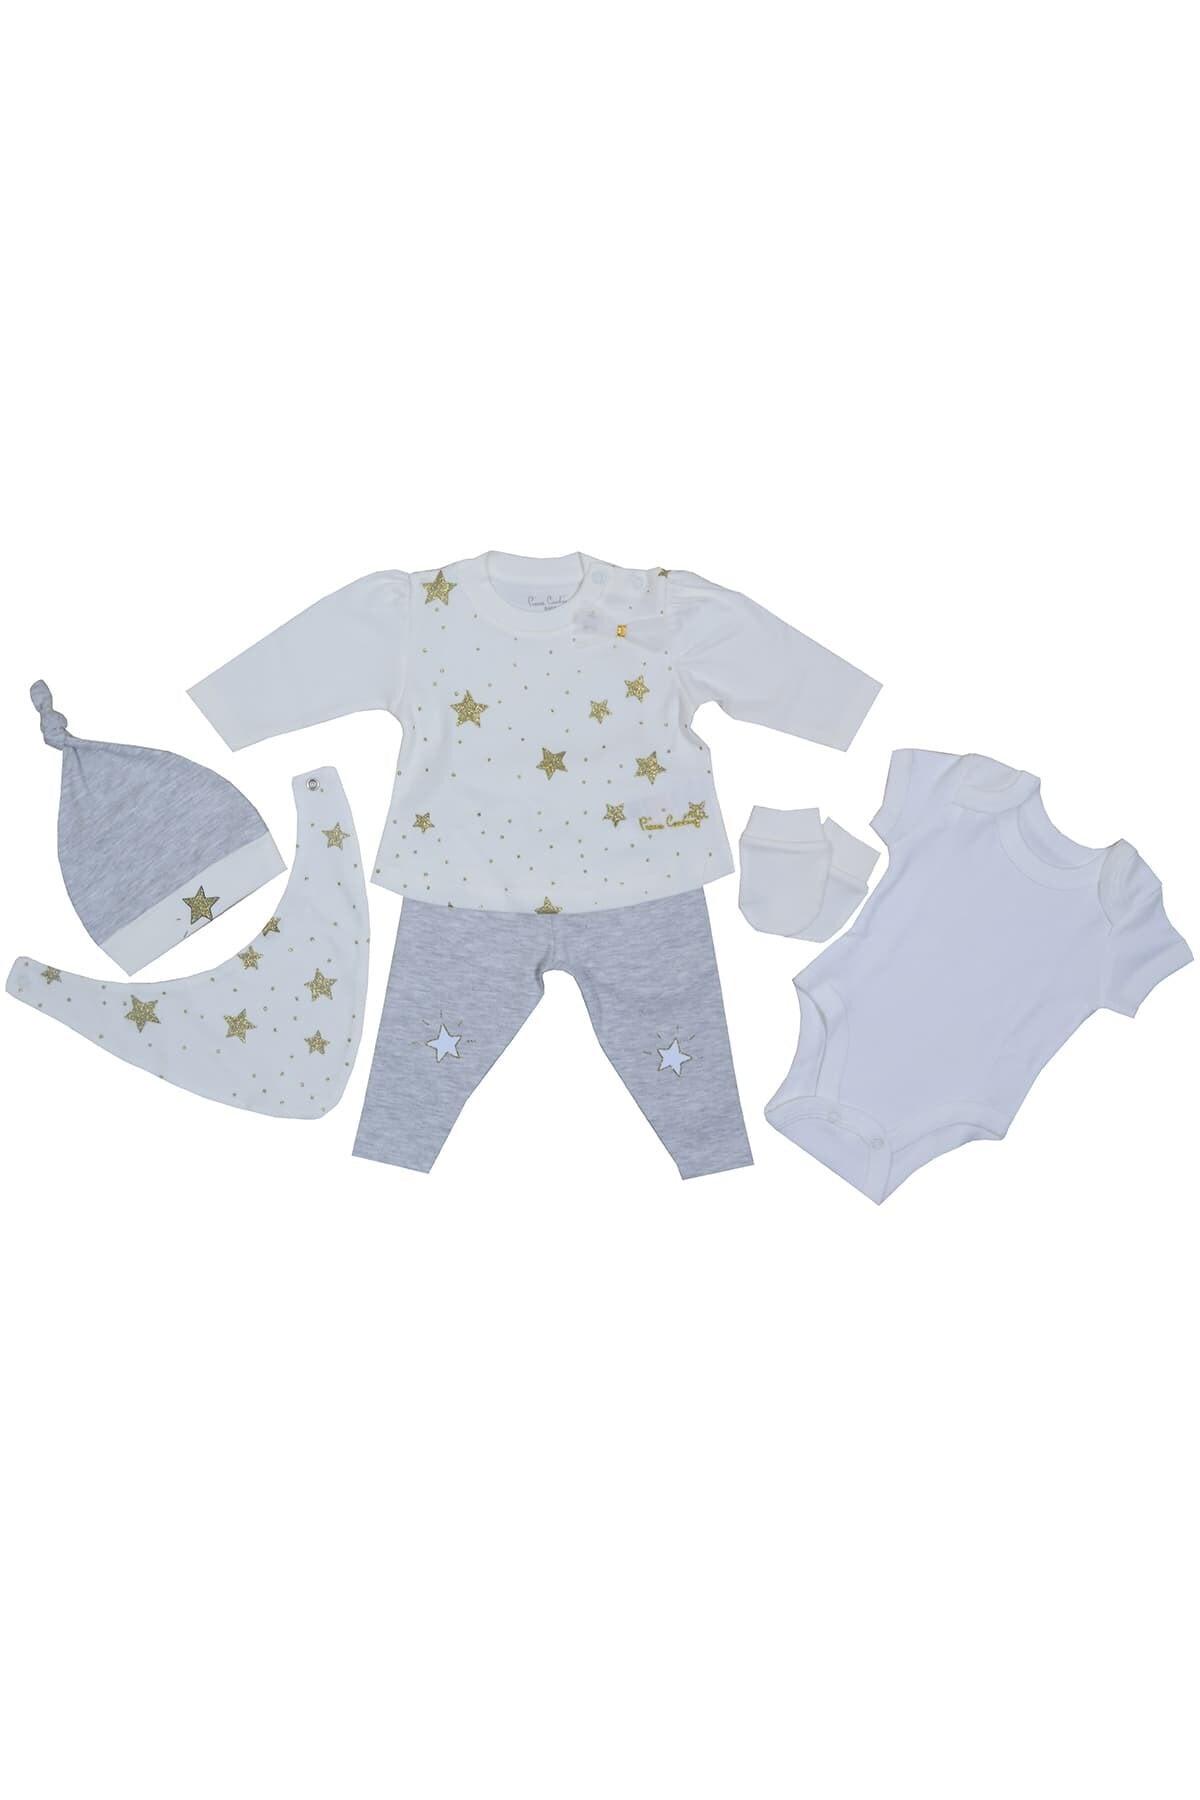 Pierre Cardin Baby Pierre Cardin My Stars Yenidoğan Takımlı Bebek Seti Ekru-gri 1